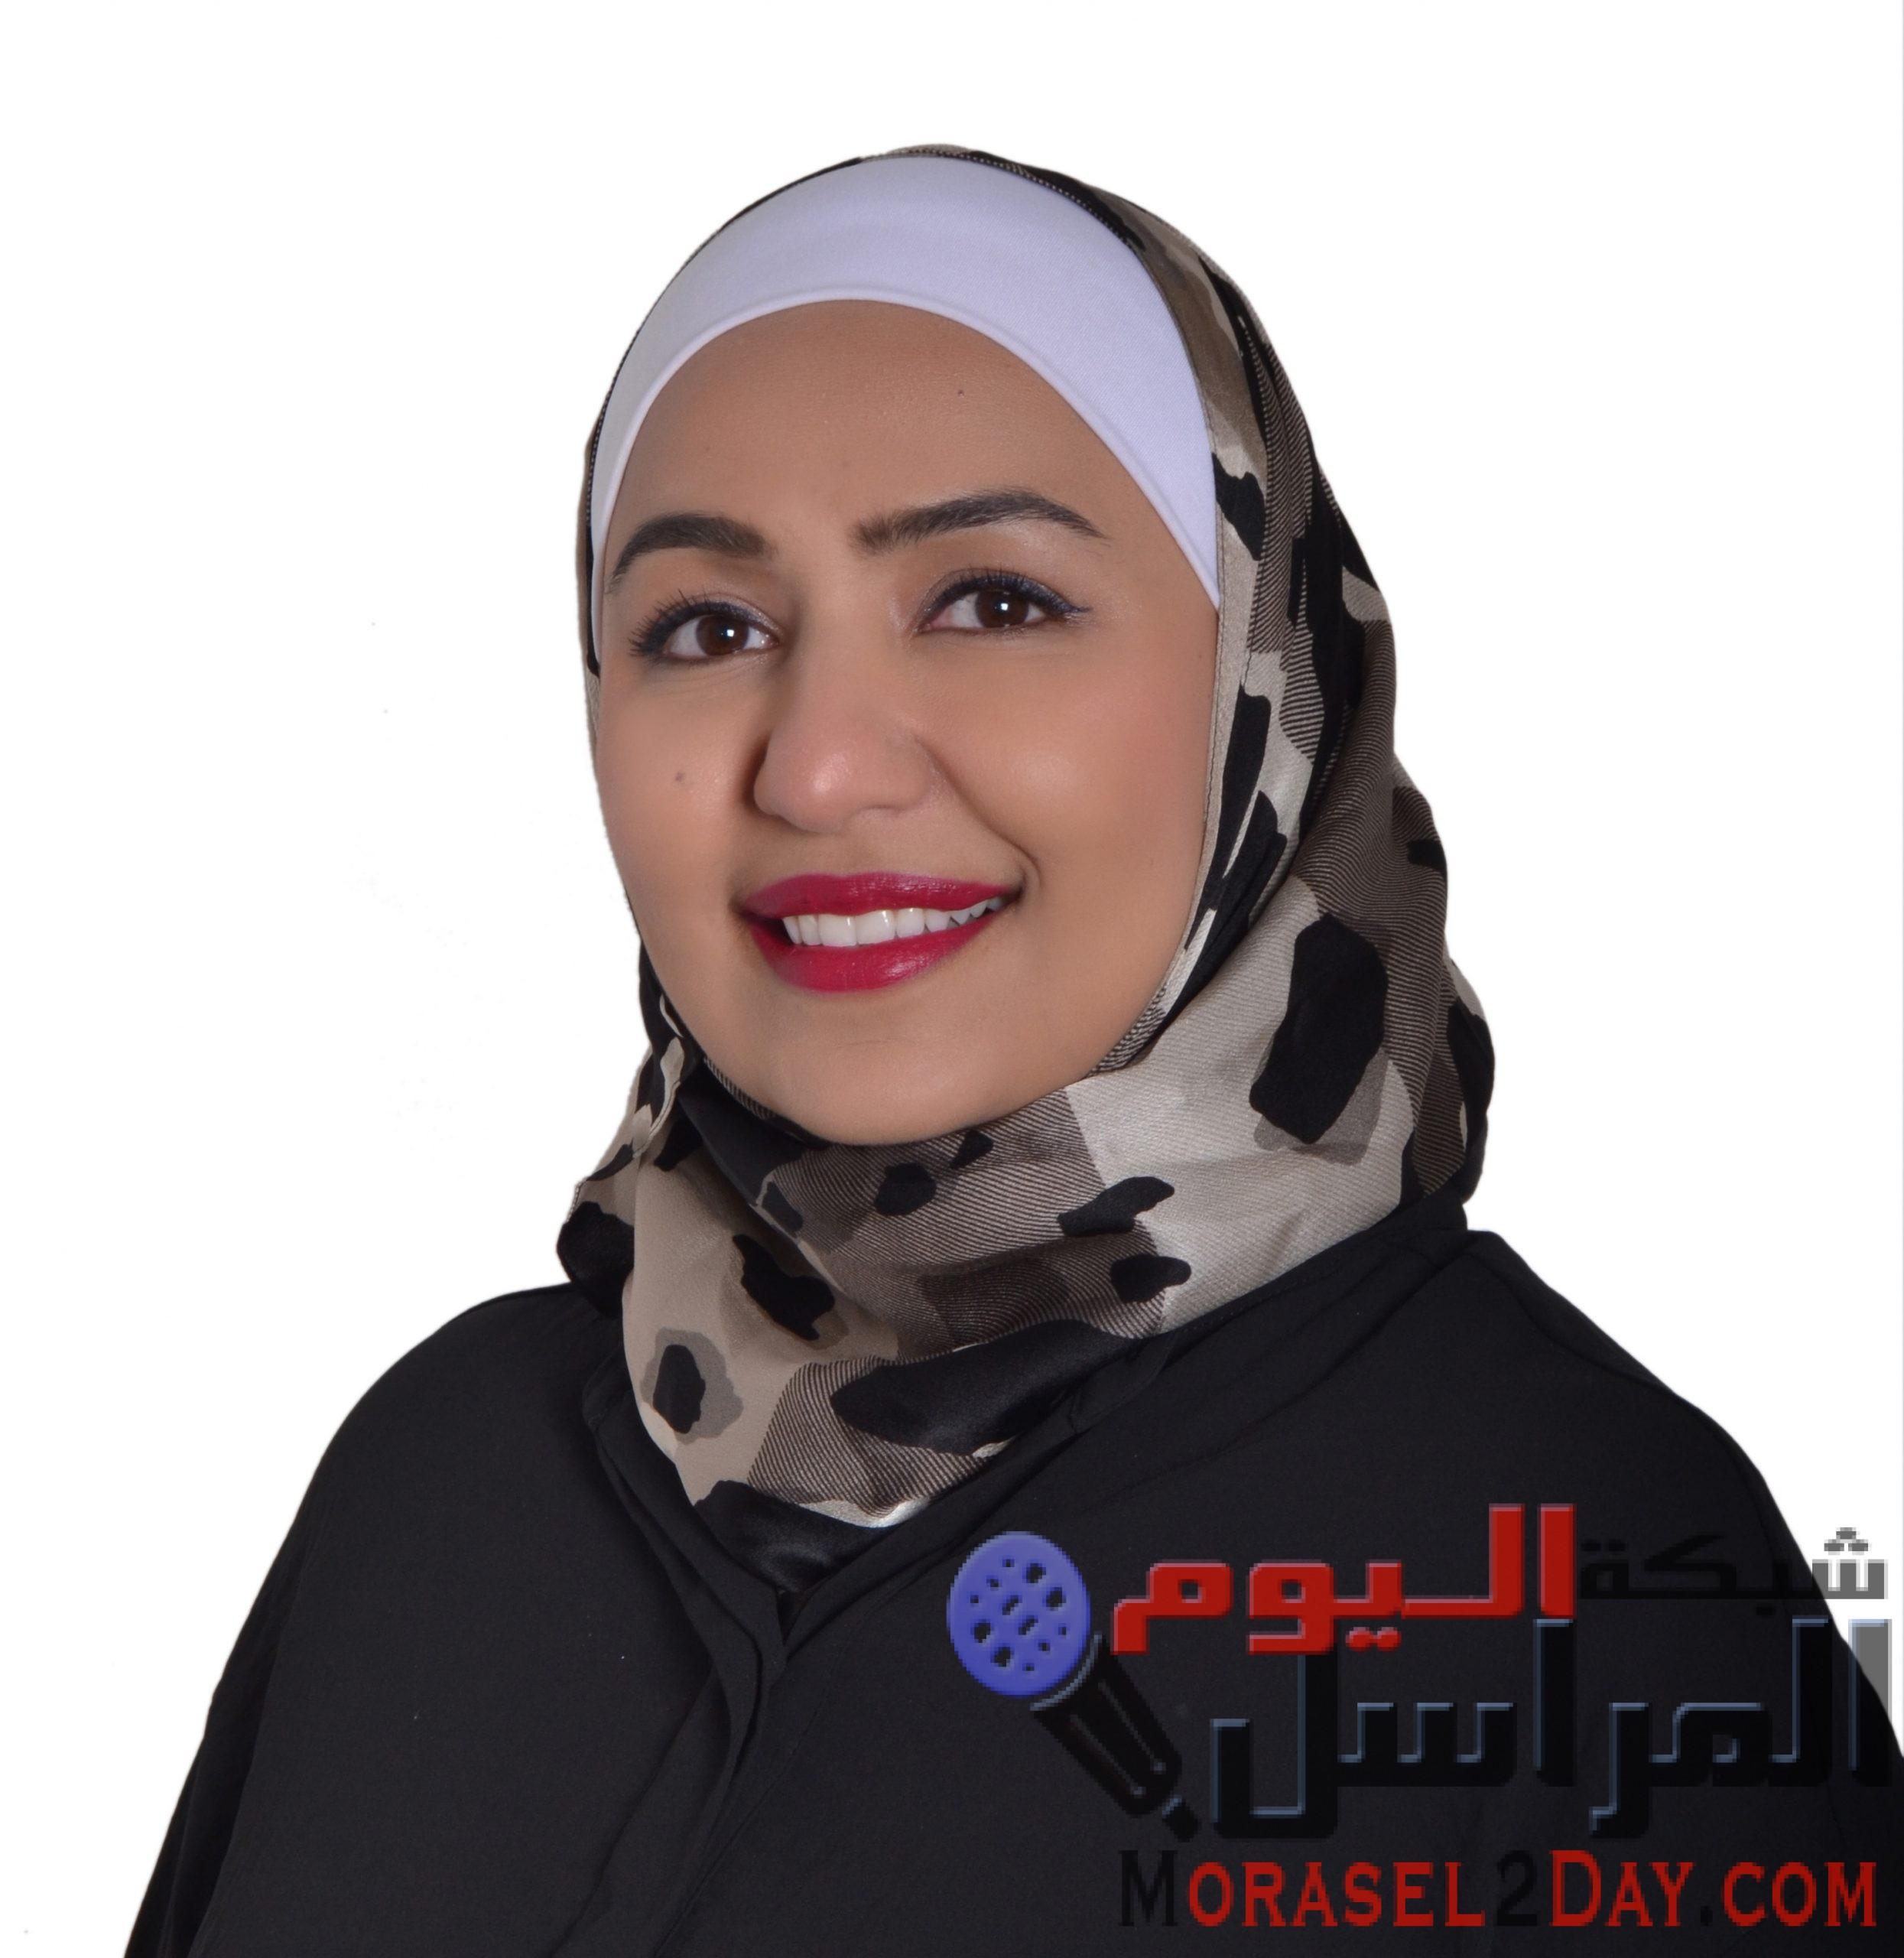 سيركو الشرق الأوسط تشجّع اعتماد منهجية نقل المعرفة إلى القوى العاملة الوطنية لتسريع تحقيق أهداف التوطين في المملكة العربية السعودية